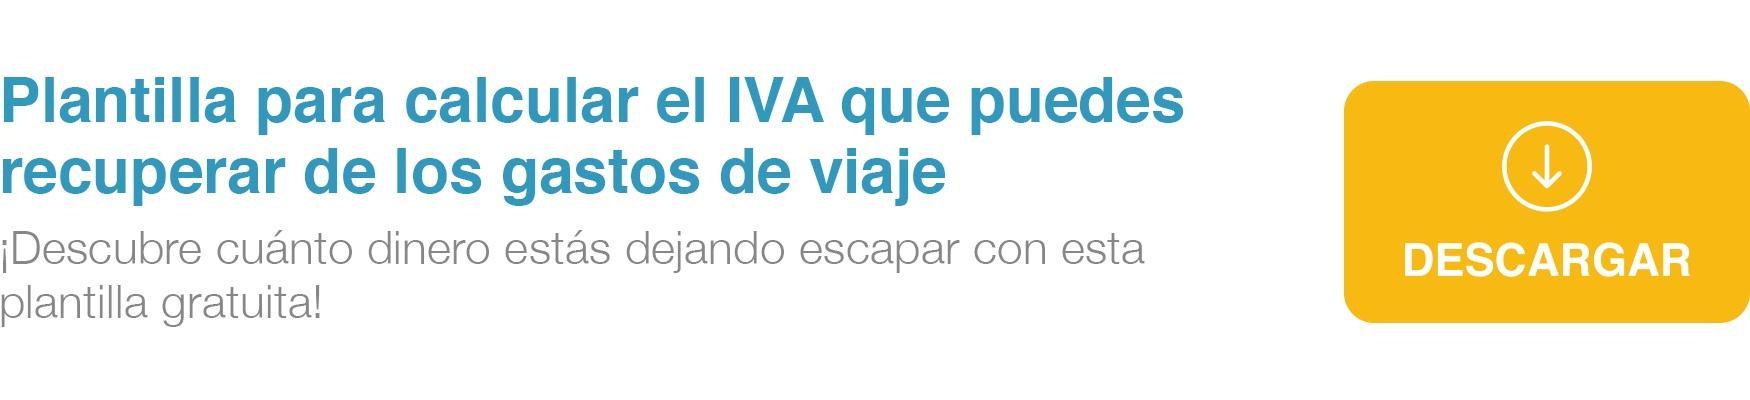 Calcula cuánto IVA puedes recuperar